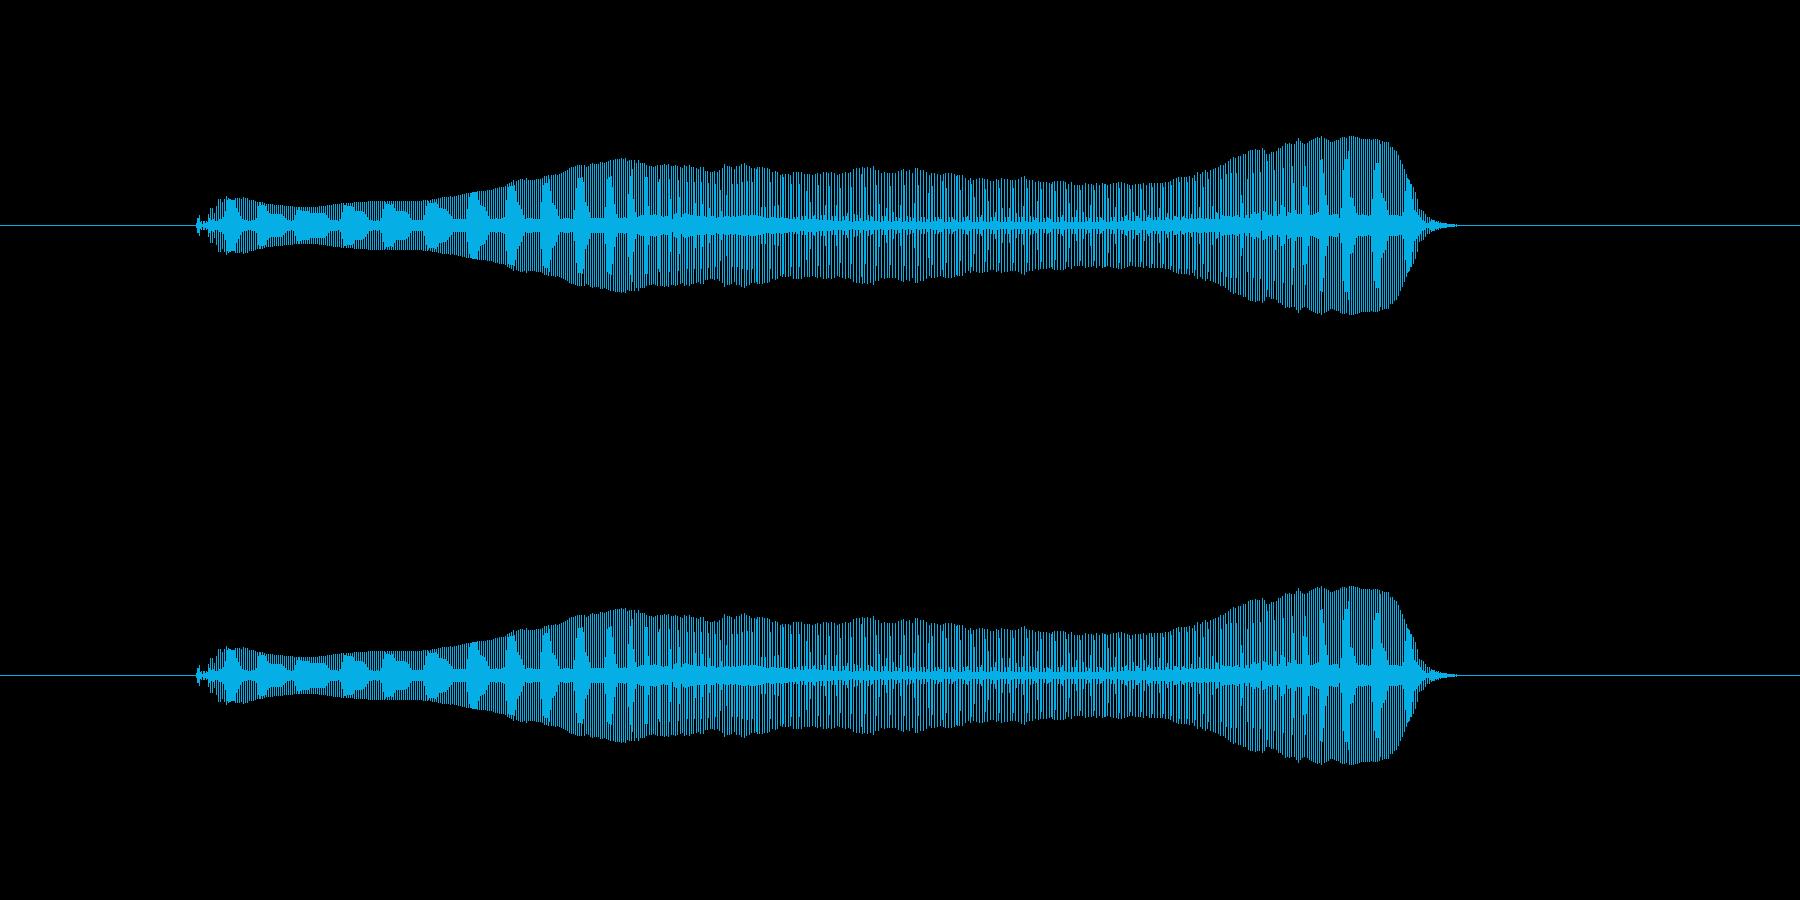 トロンボーンあるあるフレーズBPM100の再生済みの波形